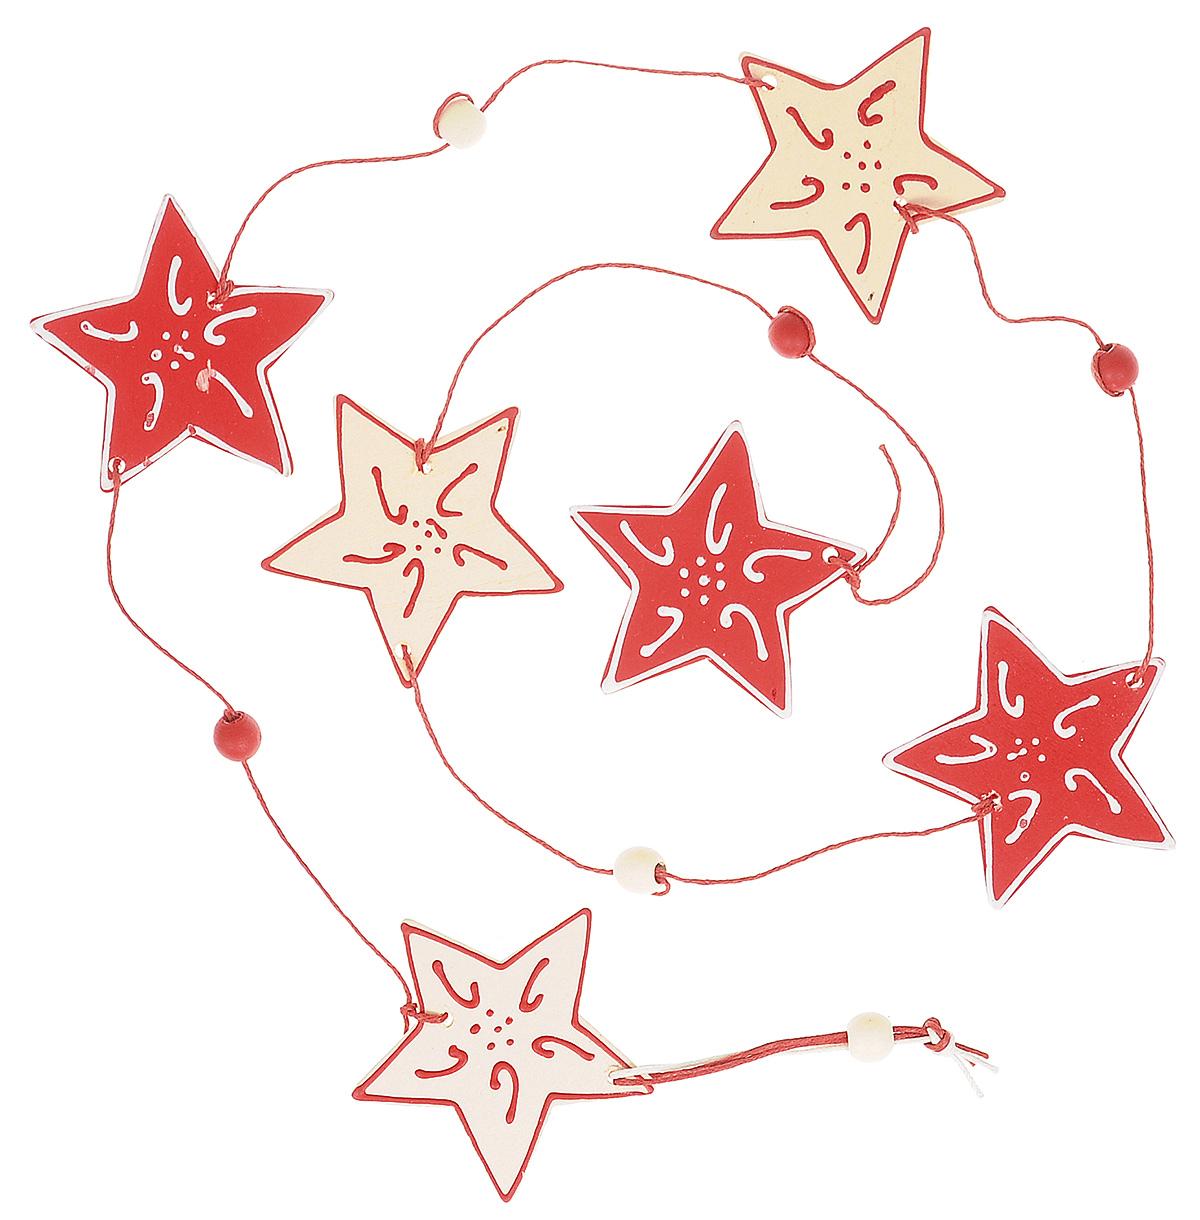 Новогоднее подвесное украшение Lunten Ranta Праздничная гирлянда, длина 100 смK100Новогоднее украшение Lunten Ranta Праздничная гирлянда отлично подойдет для декорации вашего дома и праздничной ели. Изделие выполнено в виде длинной подвески, декорированной деревянными фигурками звезд, нанизанными на текстильную нить. Елочная игрушка - символ Нового года. Она несет в себе волшебство и красоту праздника. Создайте в своем доме атмосферу веселья и радости, украшая всей семьей новогоднюю елку нарядными игрушками, которые будут из года в год накапливать теплоту воспоминаний.Размер фигурки (звезды): 6 см х 6 см х 0,5 см.